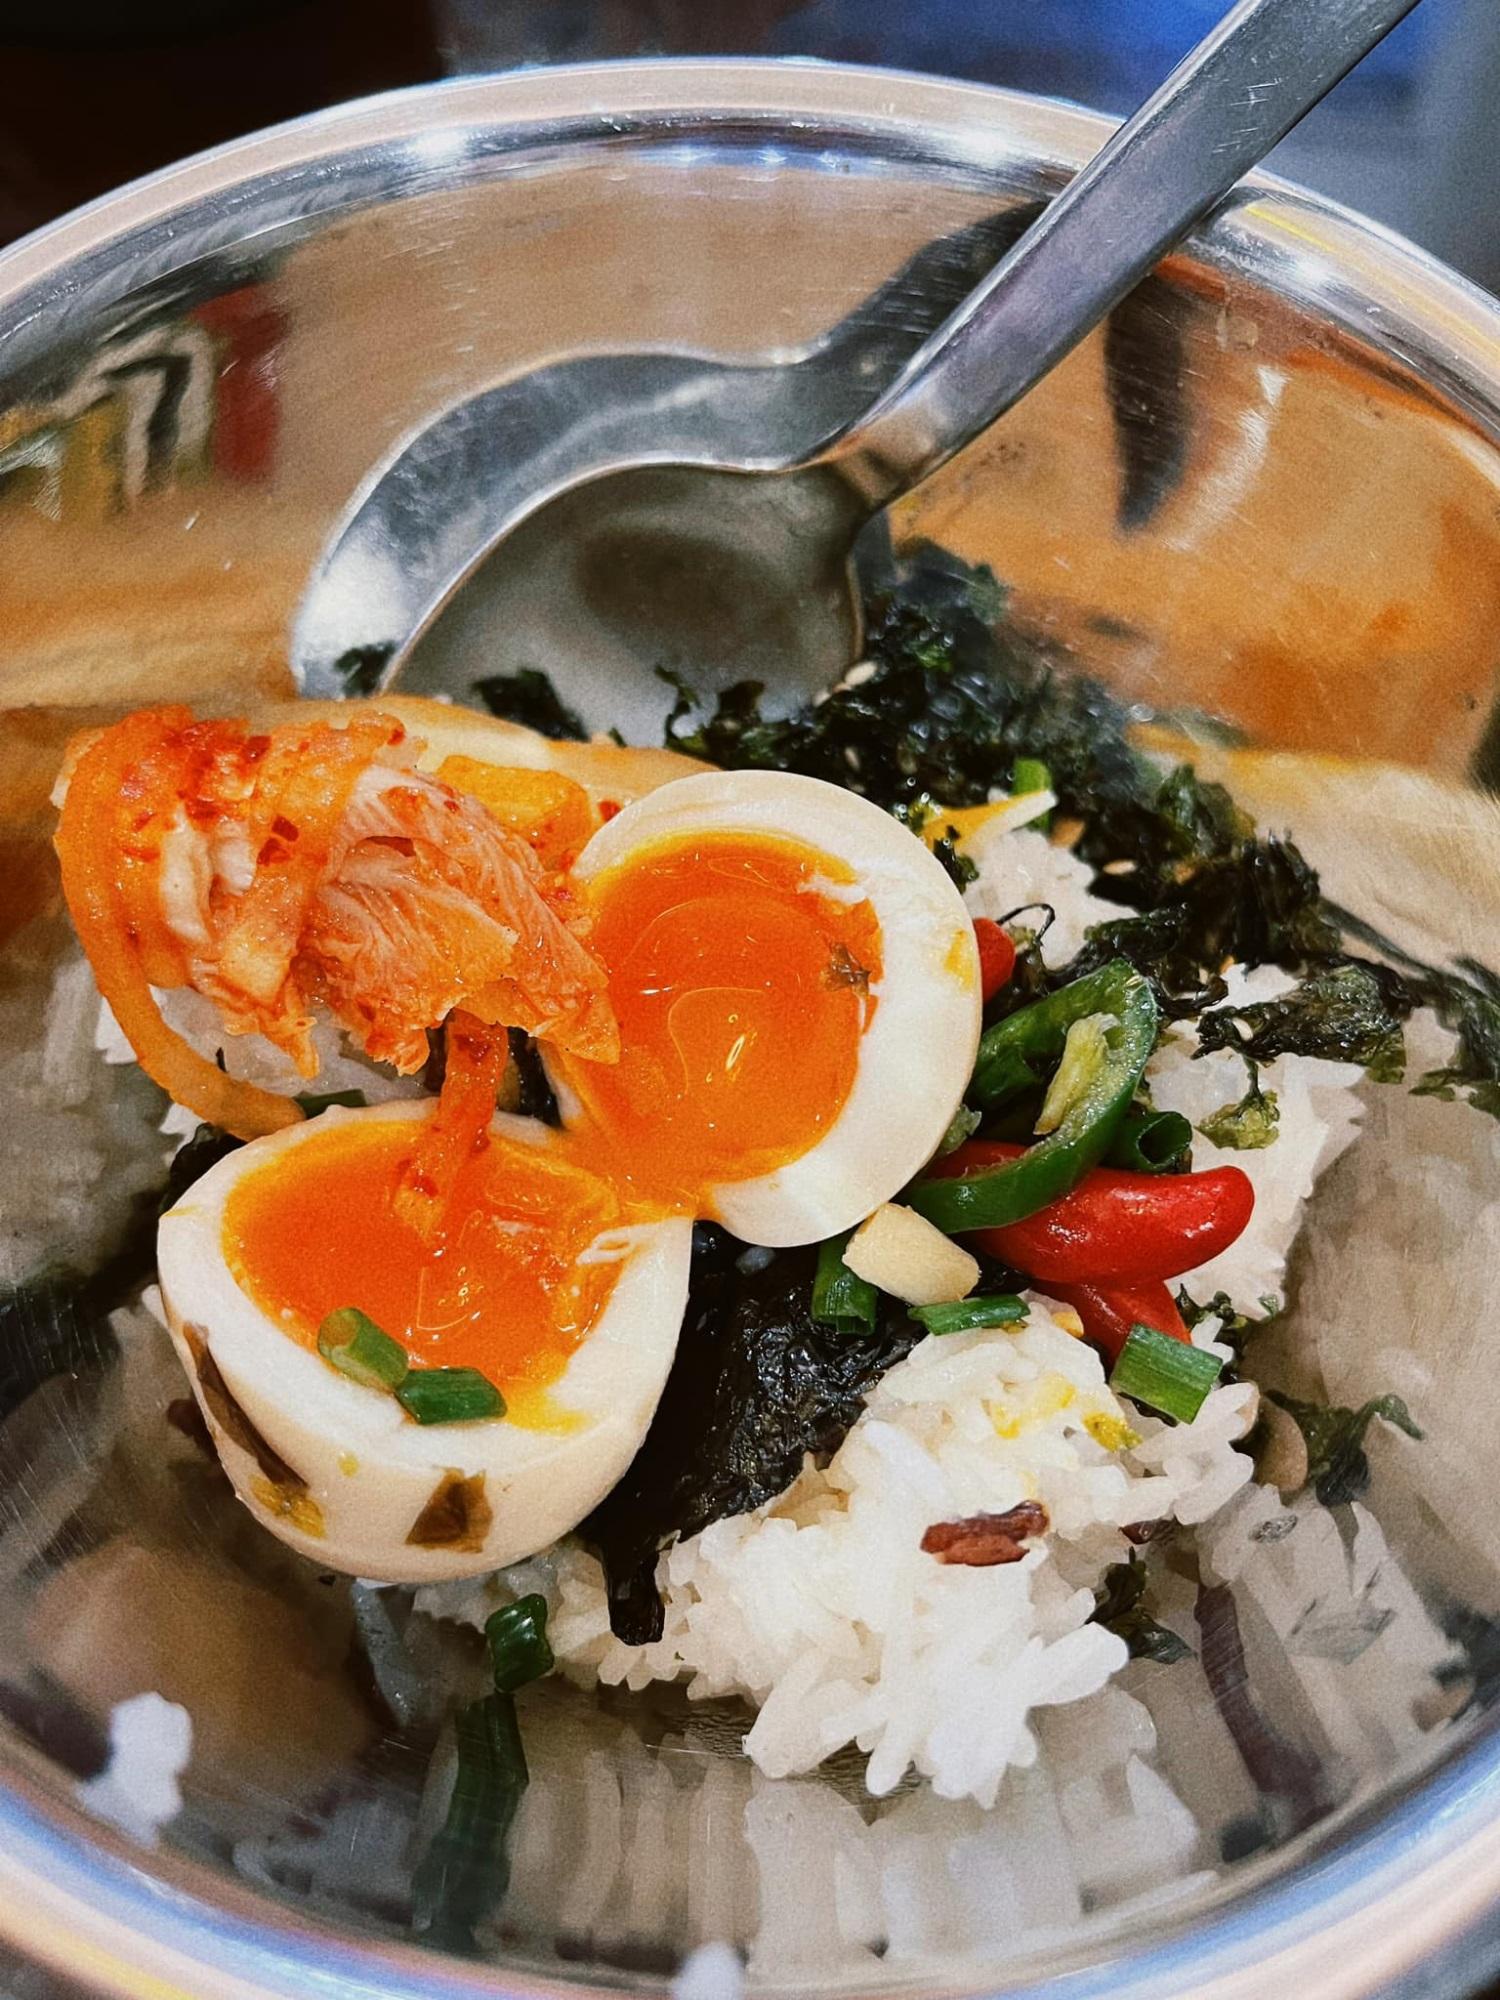 Cách làm cá hồi ngâm tương đậm vị, đưa cơm - ăn một miếng 'tay chân quắn quéo' vì quá ngon - Ảnh 8